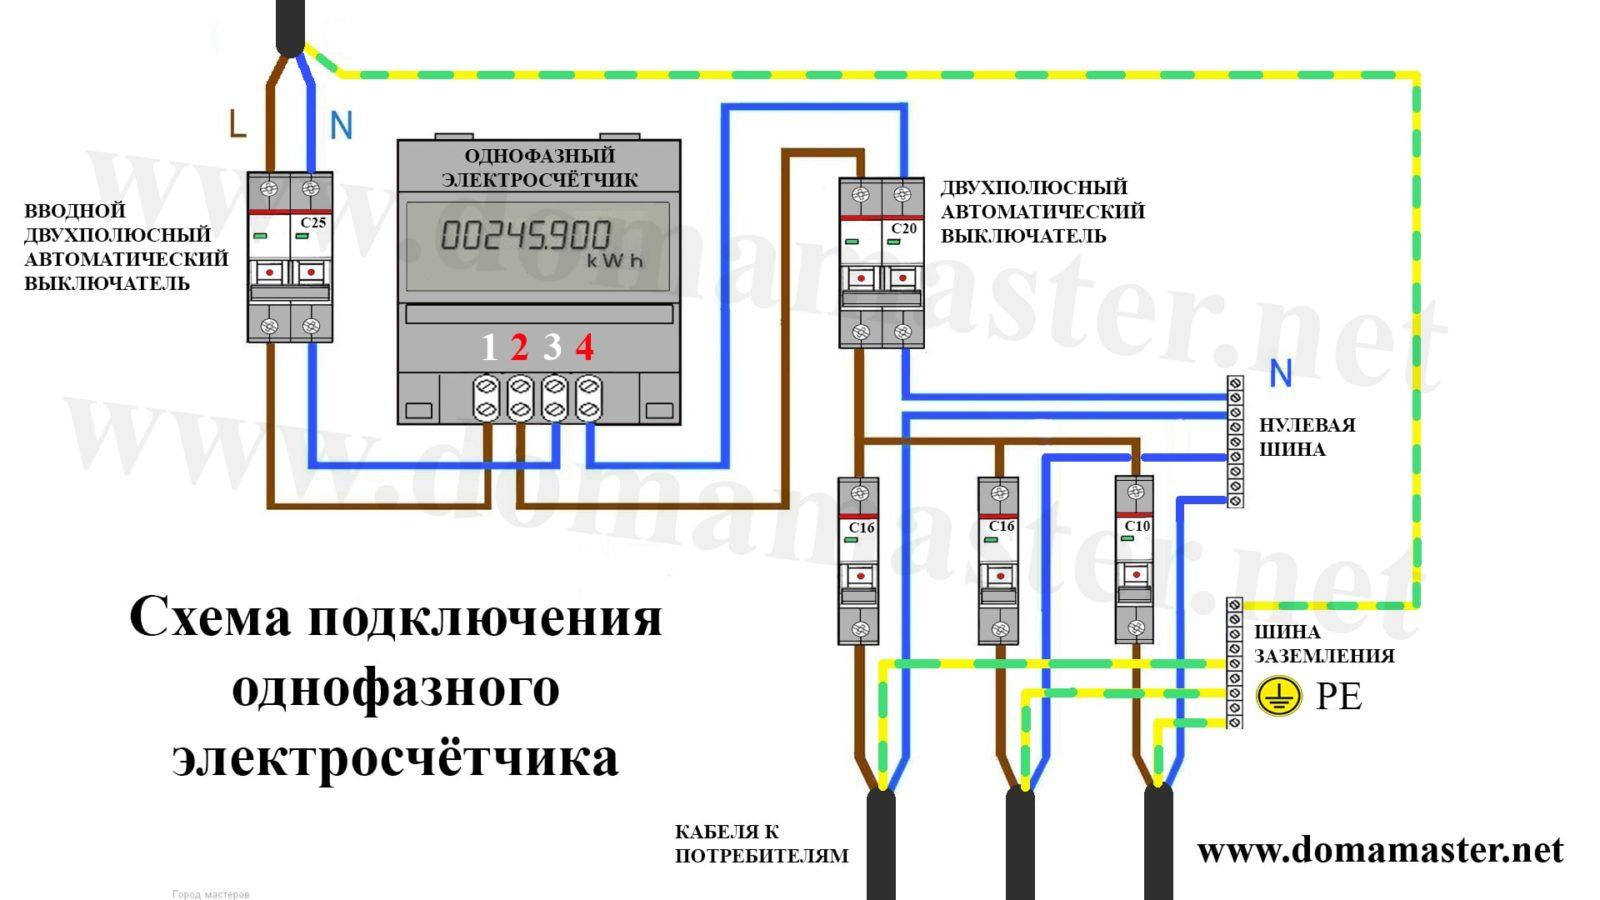 Правила установки бытового счетчика электроэнергии - жми!